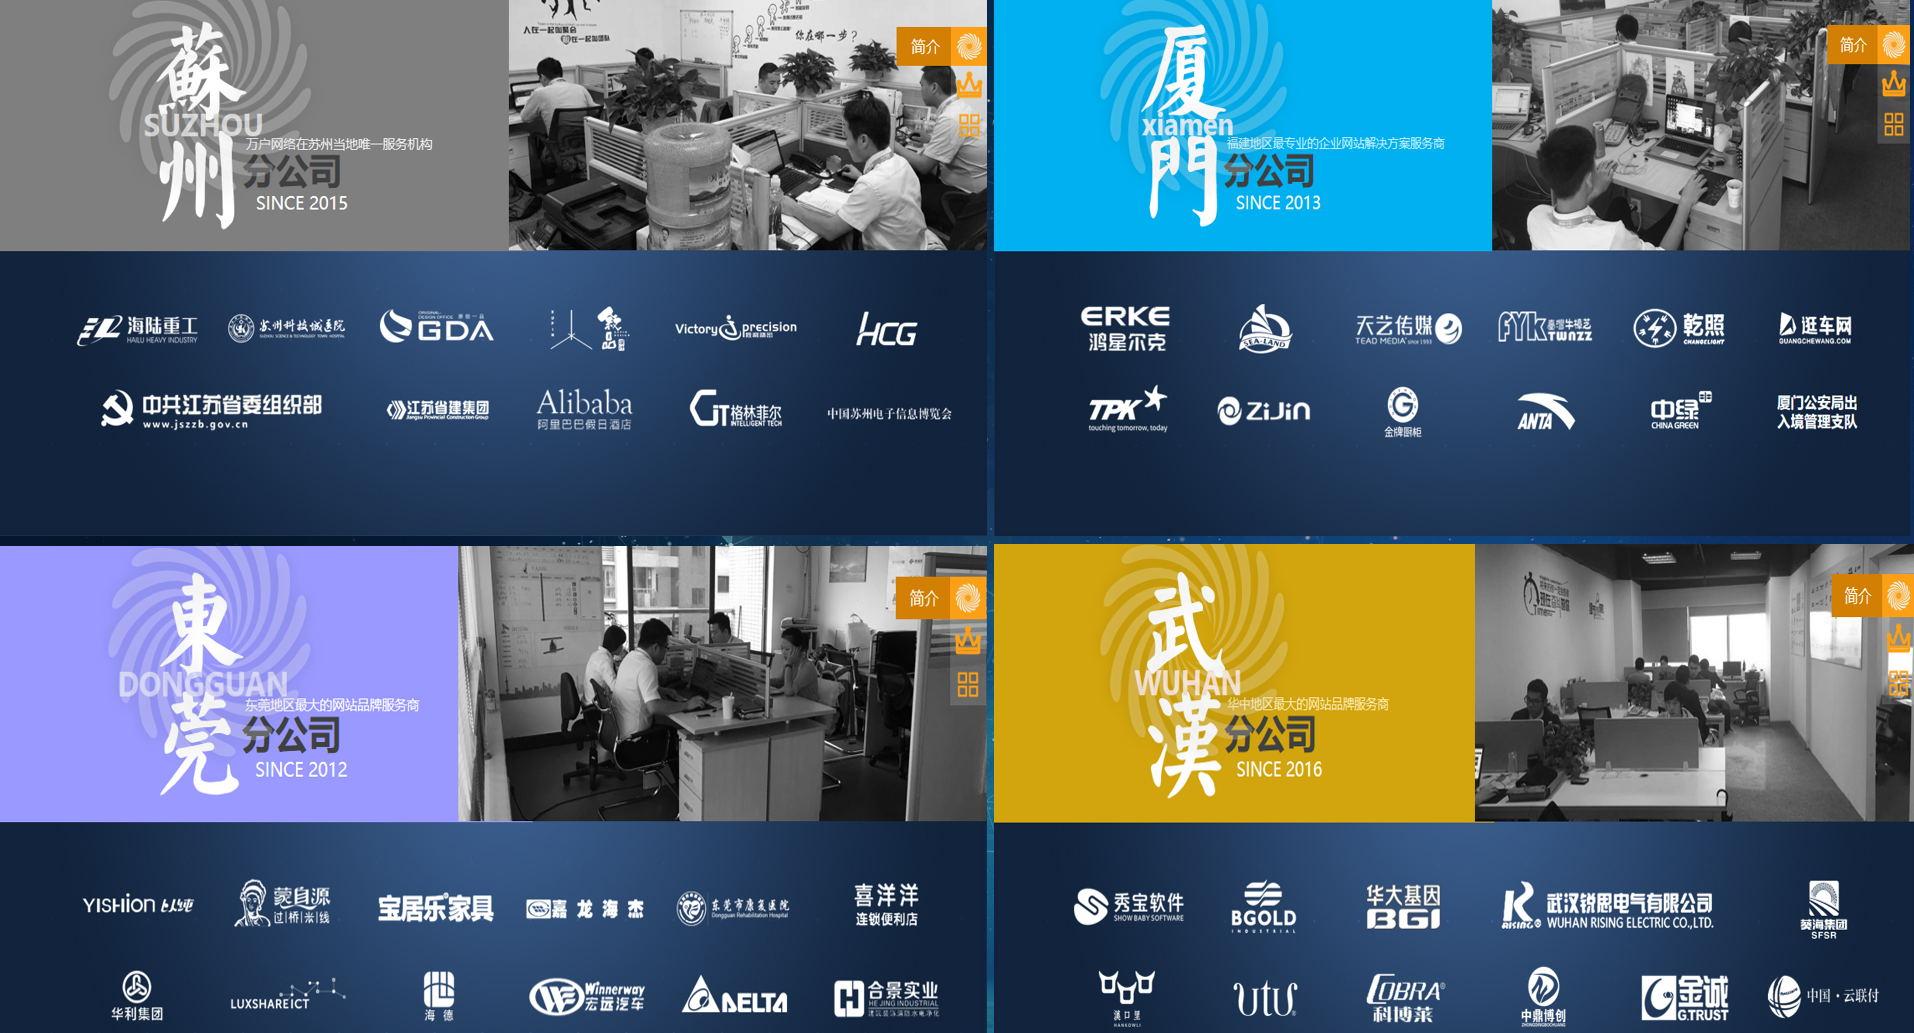 _公司网络整合营销企业品牌策划推广优化百度关键词投放宣传传播36